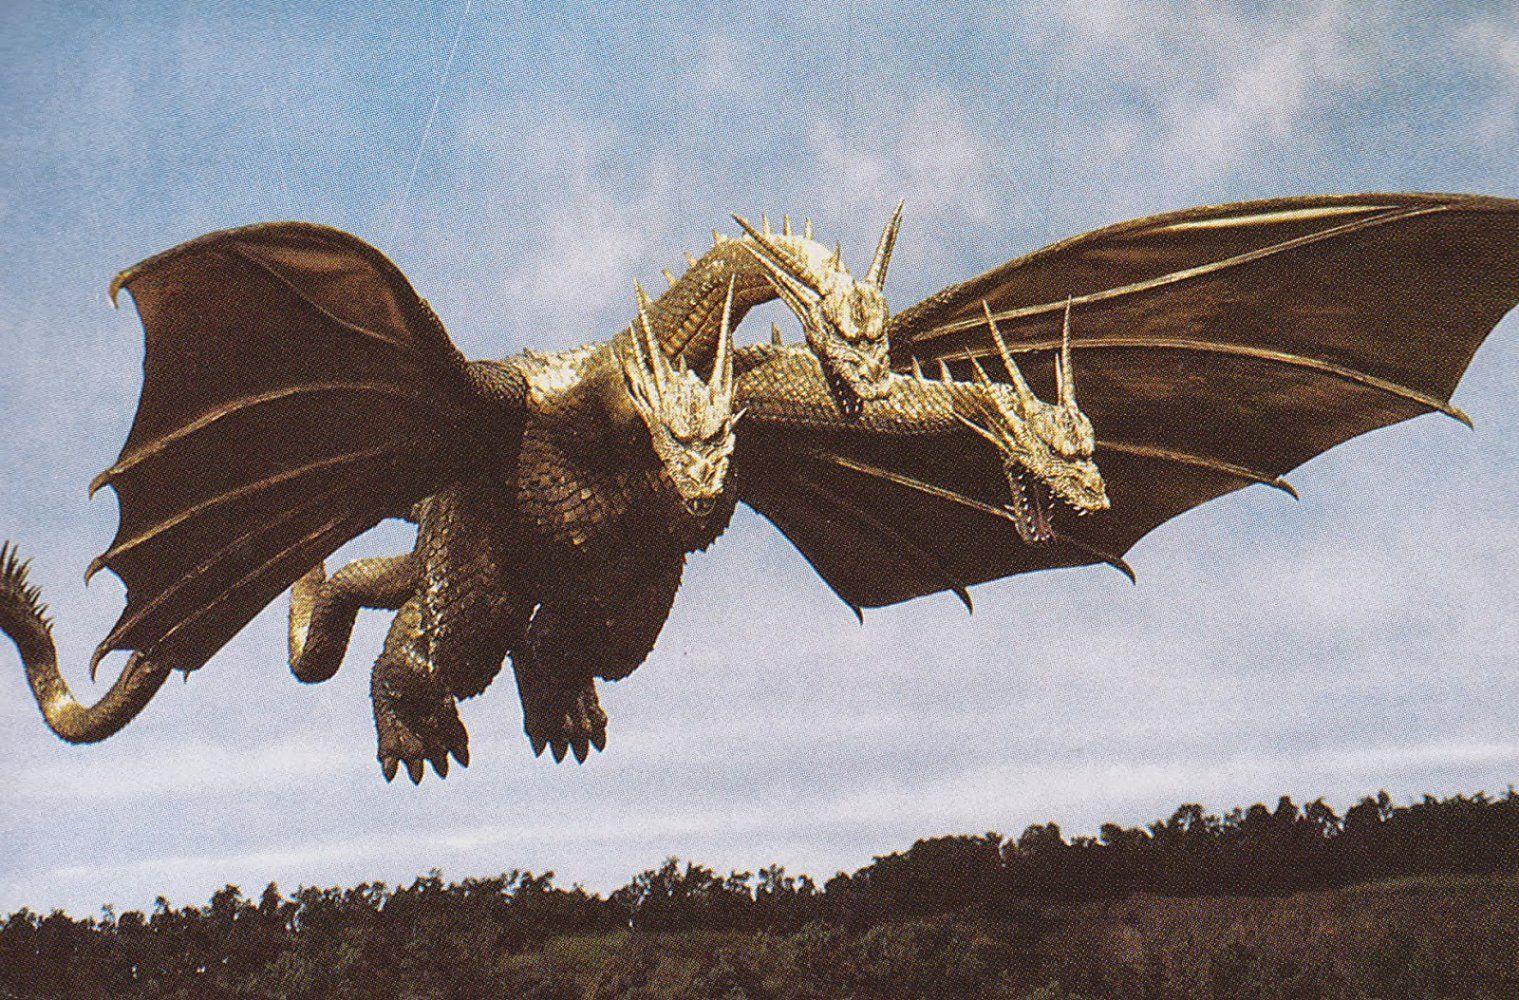 King-Ghidorah-godzilla-king-monsters-release-date